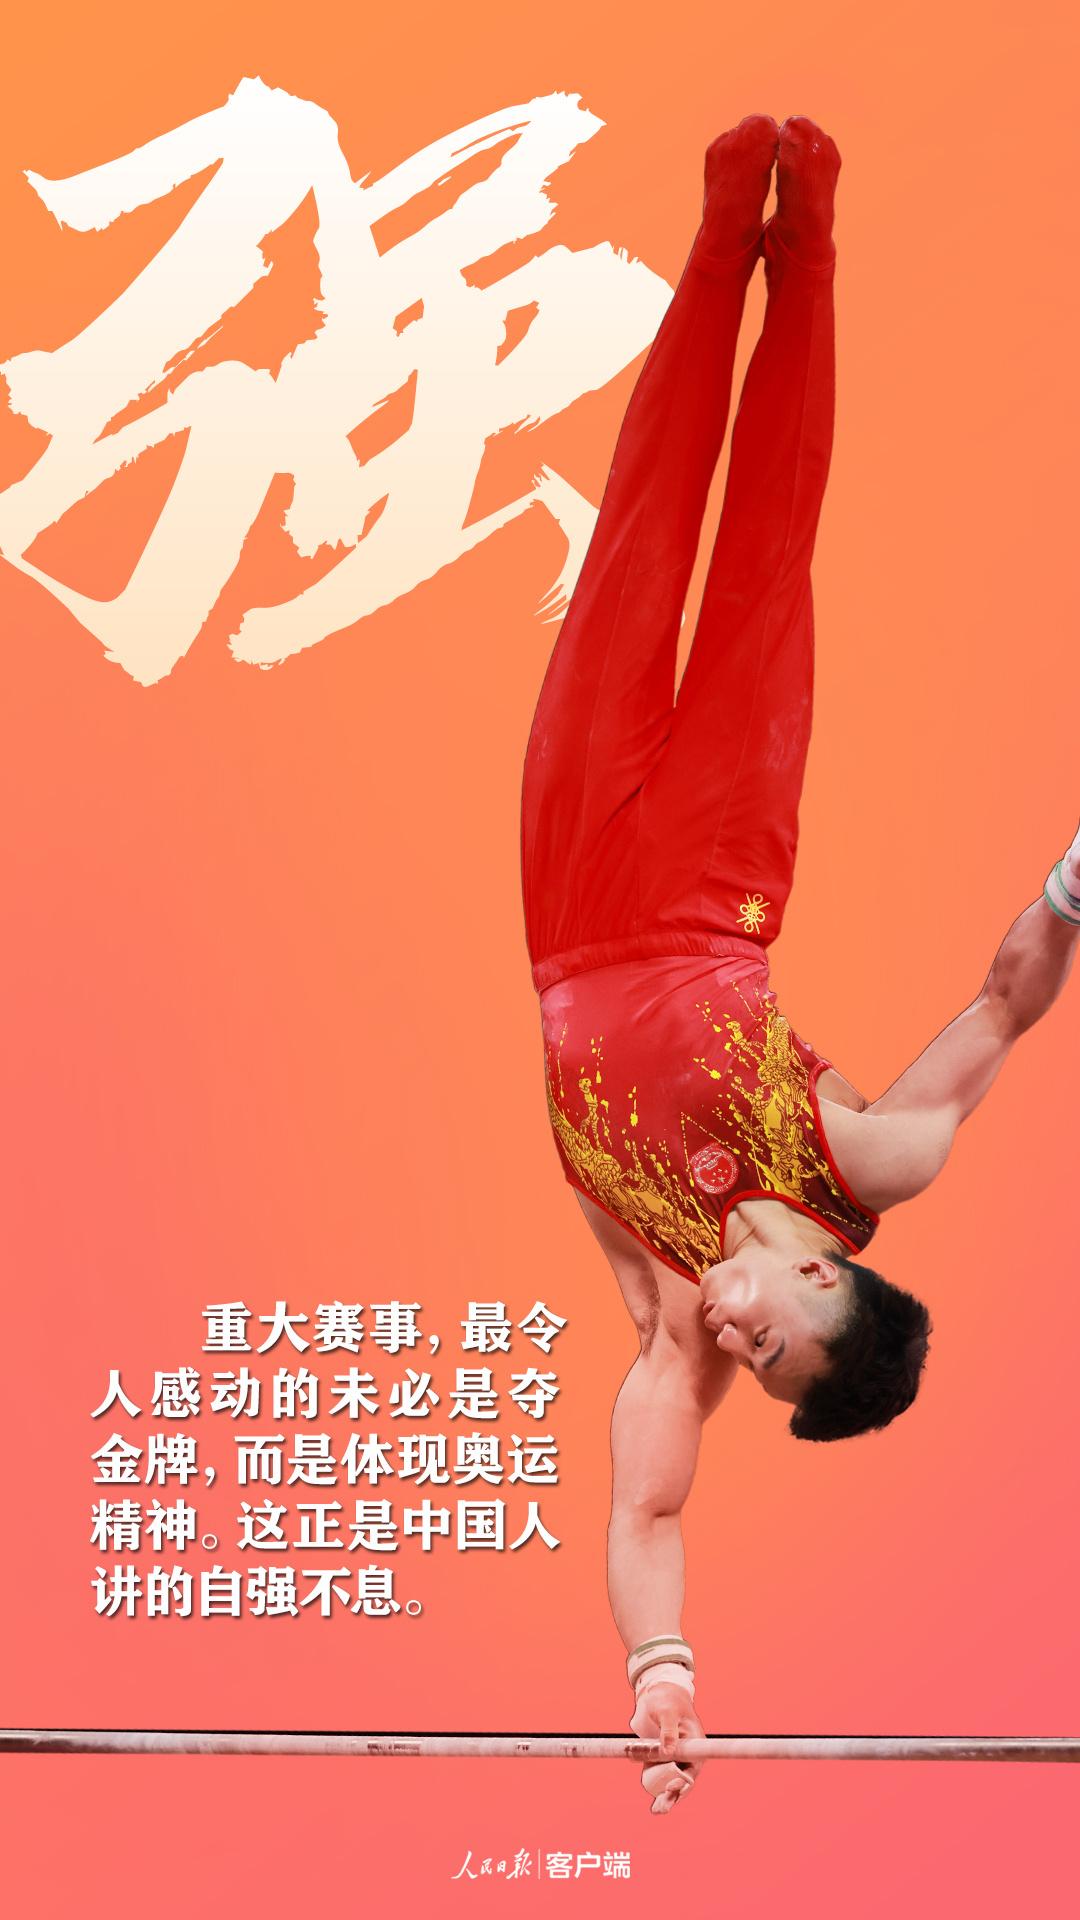 习近平心中的奥林匹克精神65.jpeg